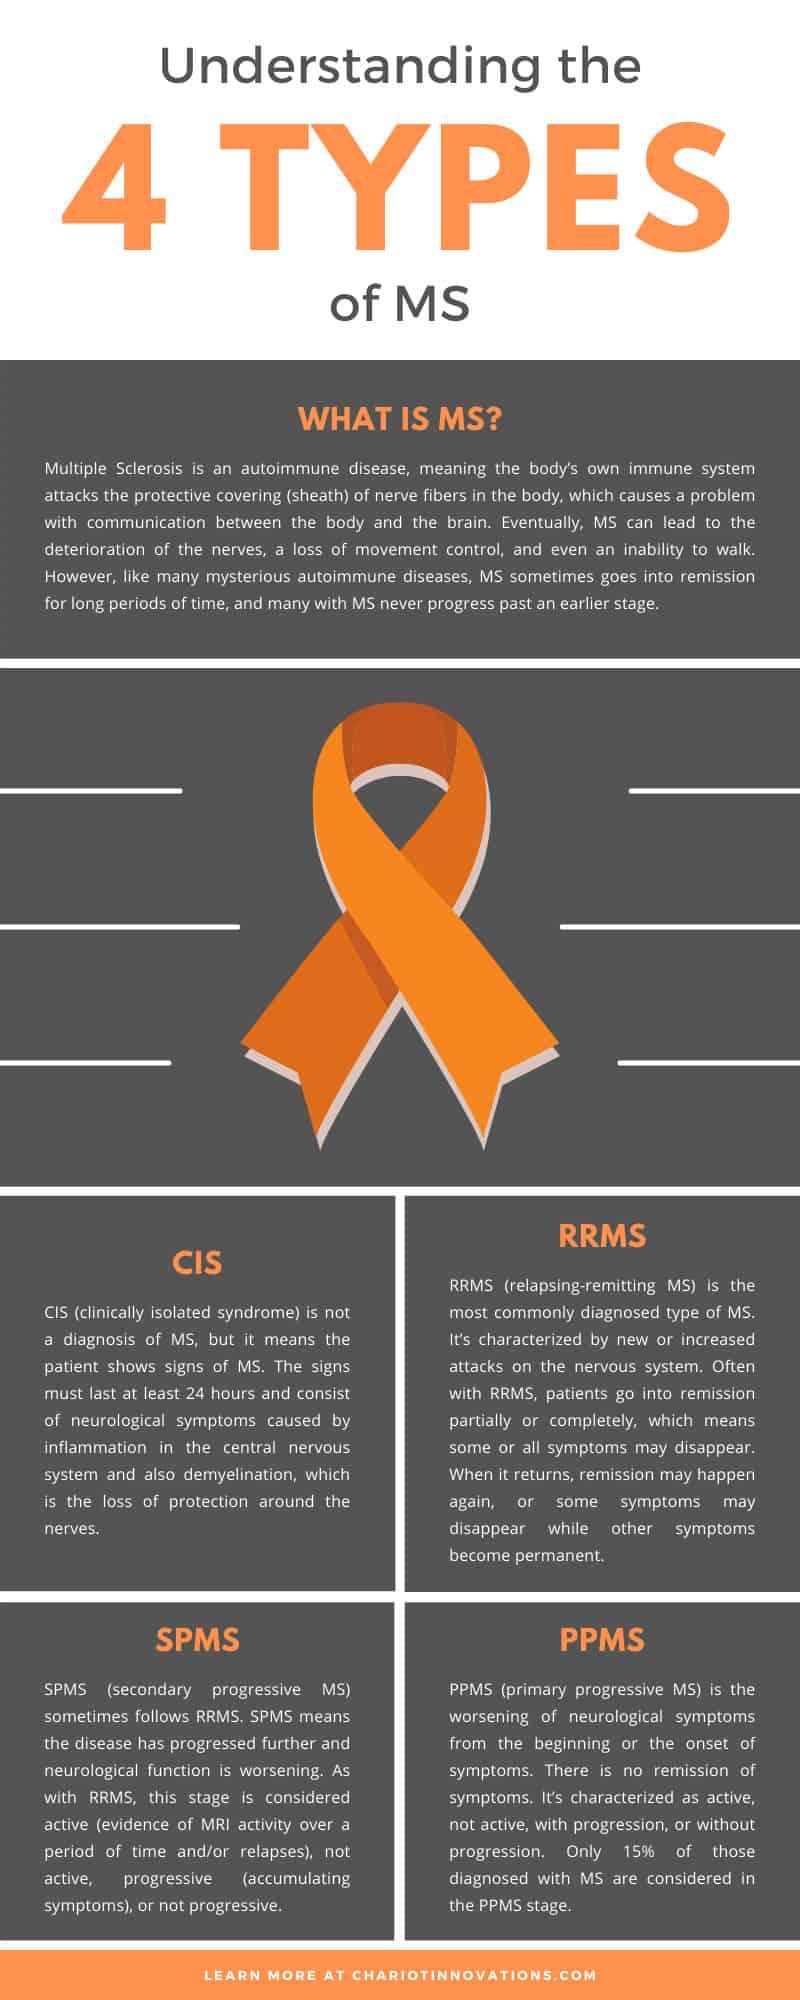 Understanding the 4 Types of MS